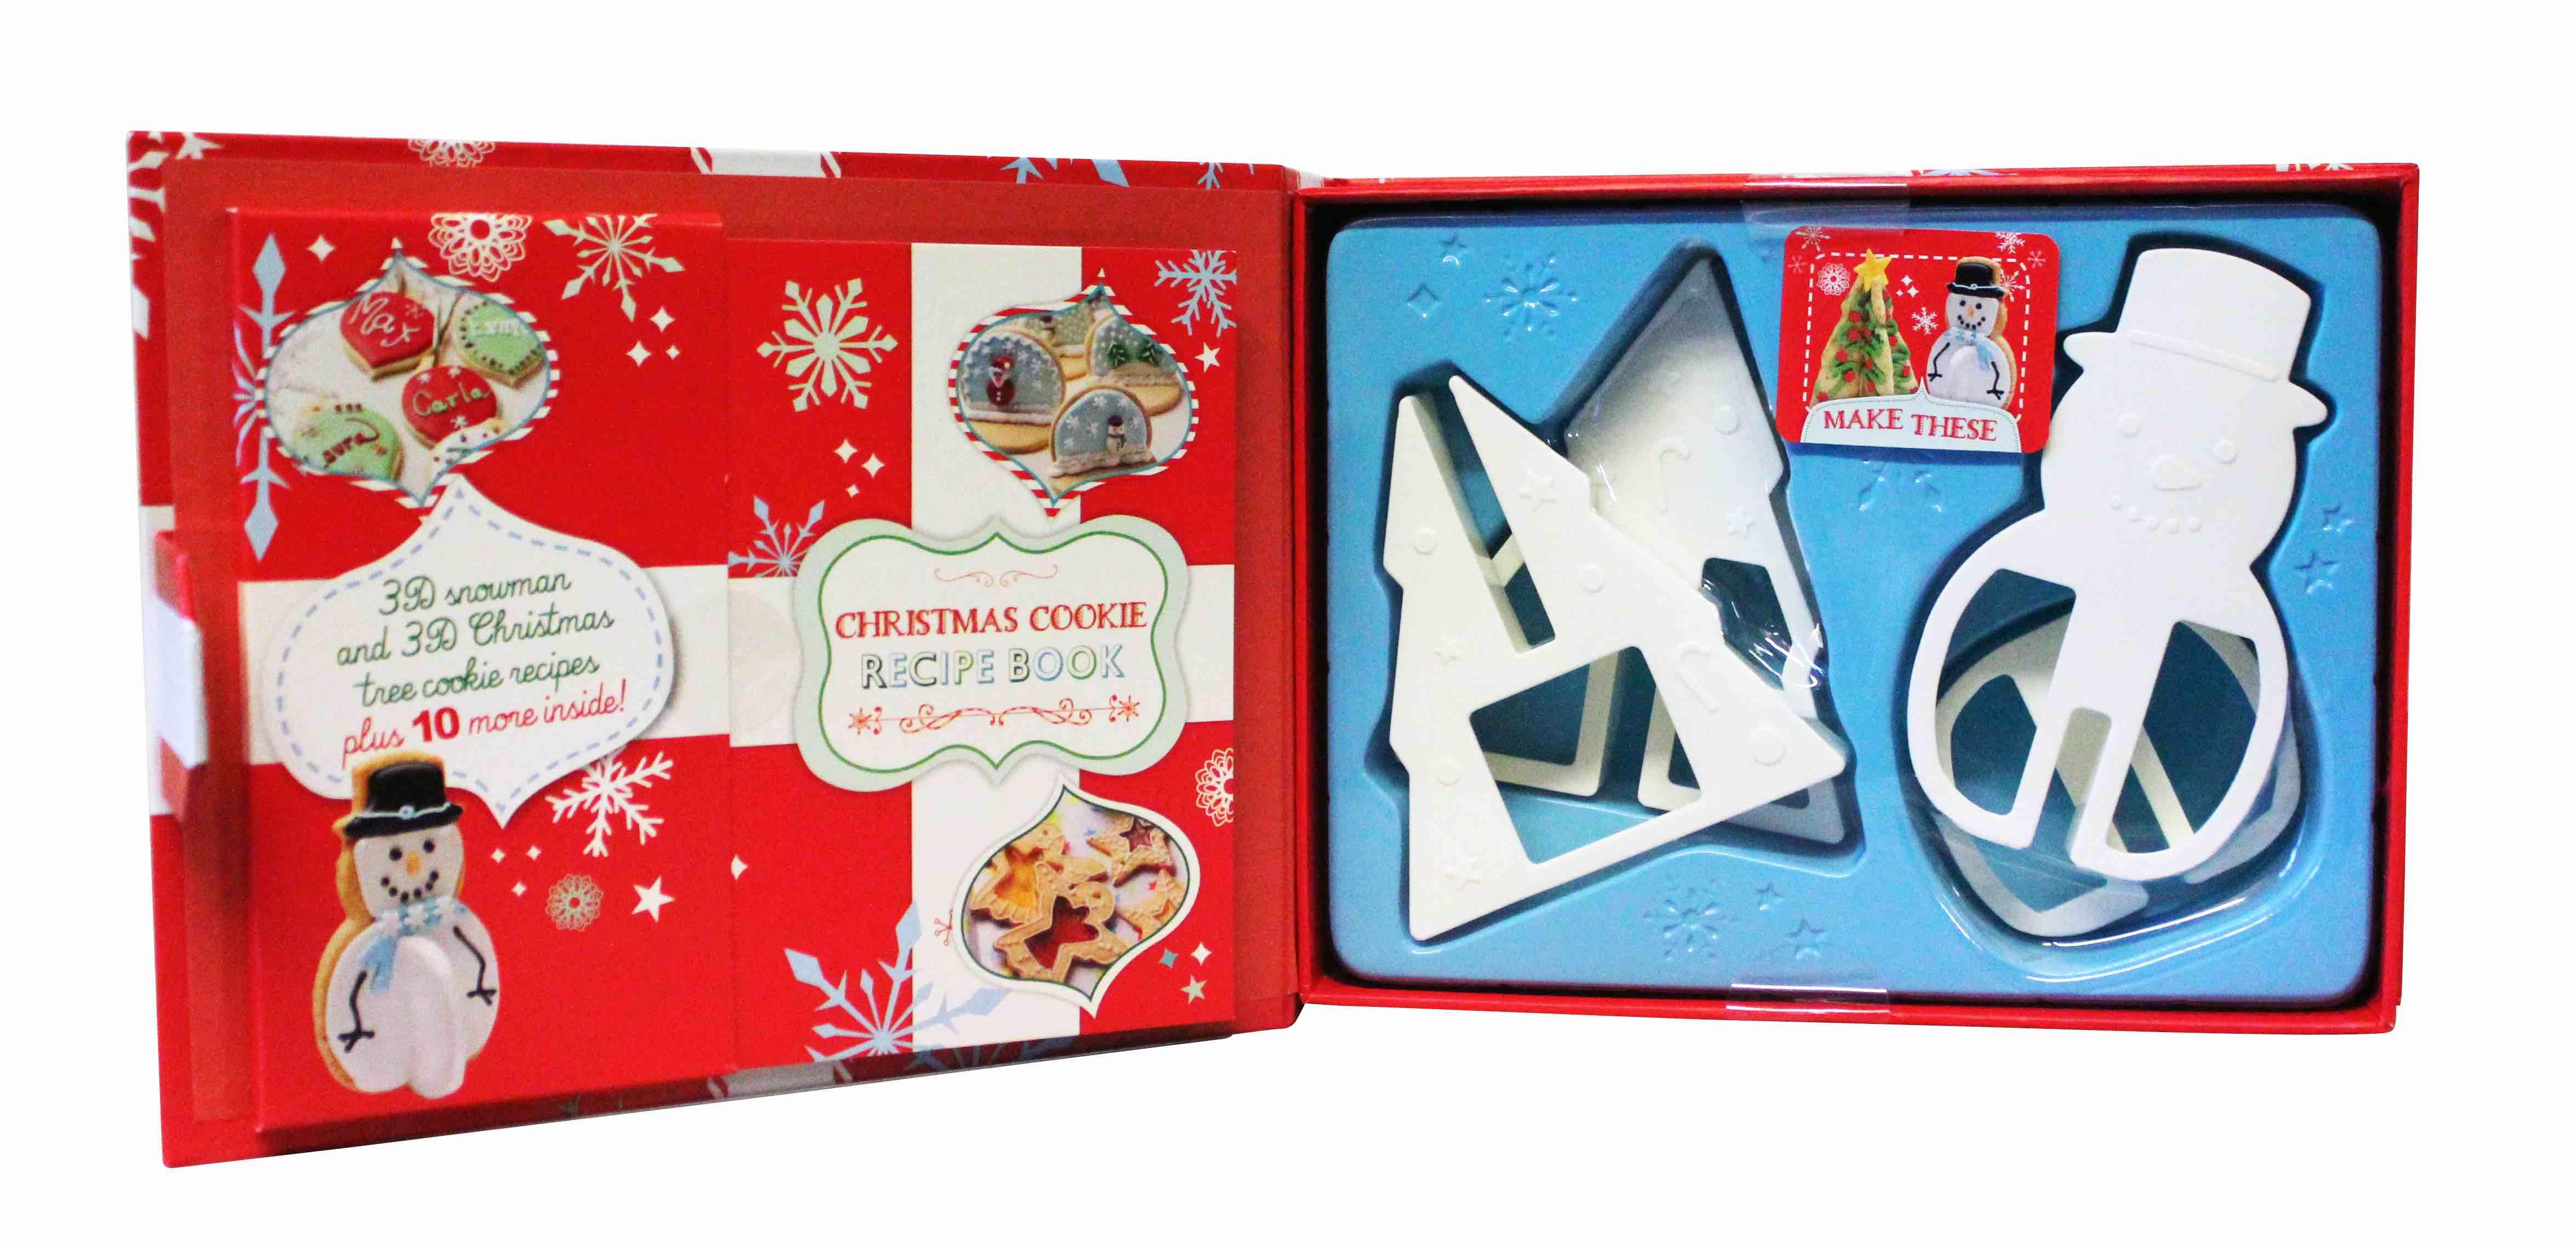 Biscotti Albero Di Natale 3d.Dettagli Su The Love Food Albero Natale Pupazzo Neve 3d Stampino Biscotto Libro Ricette